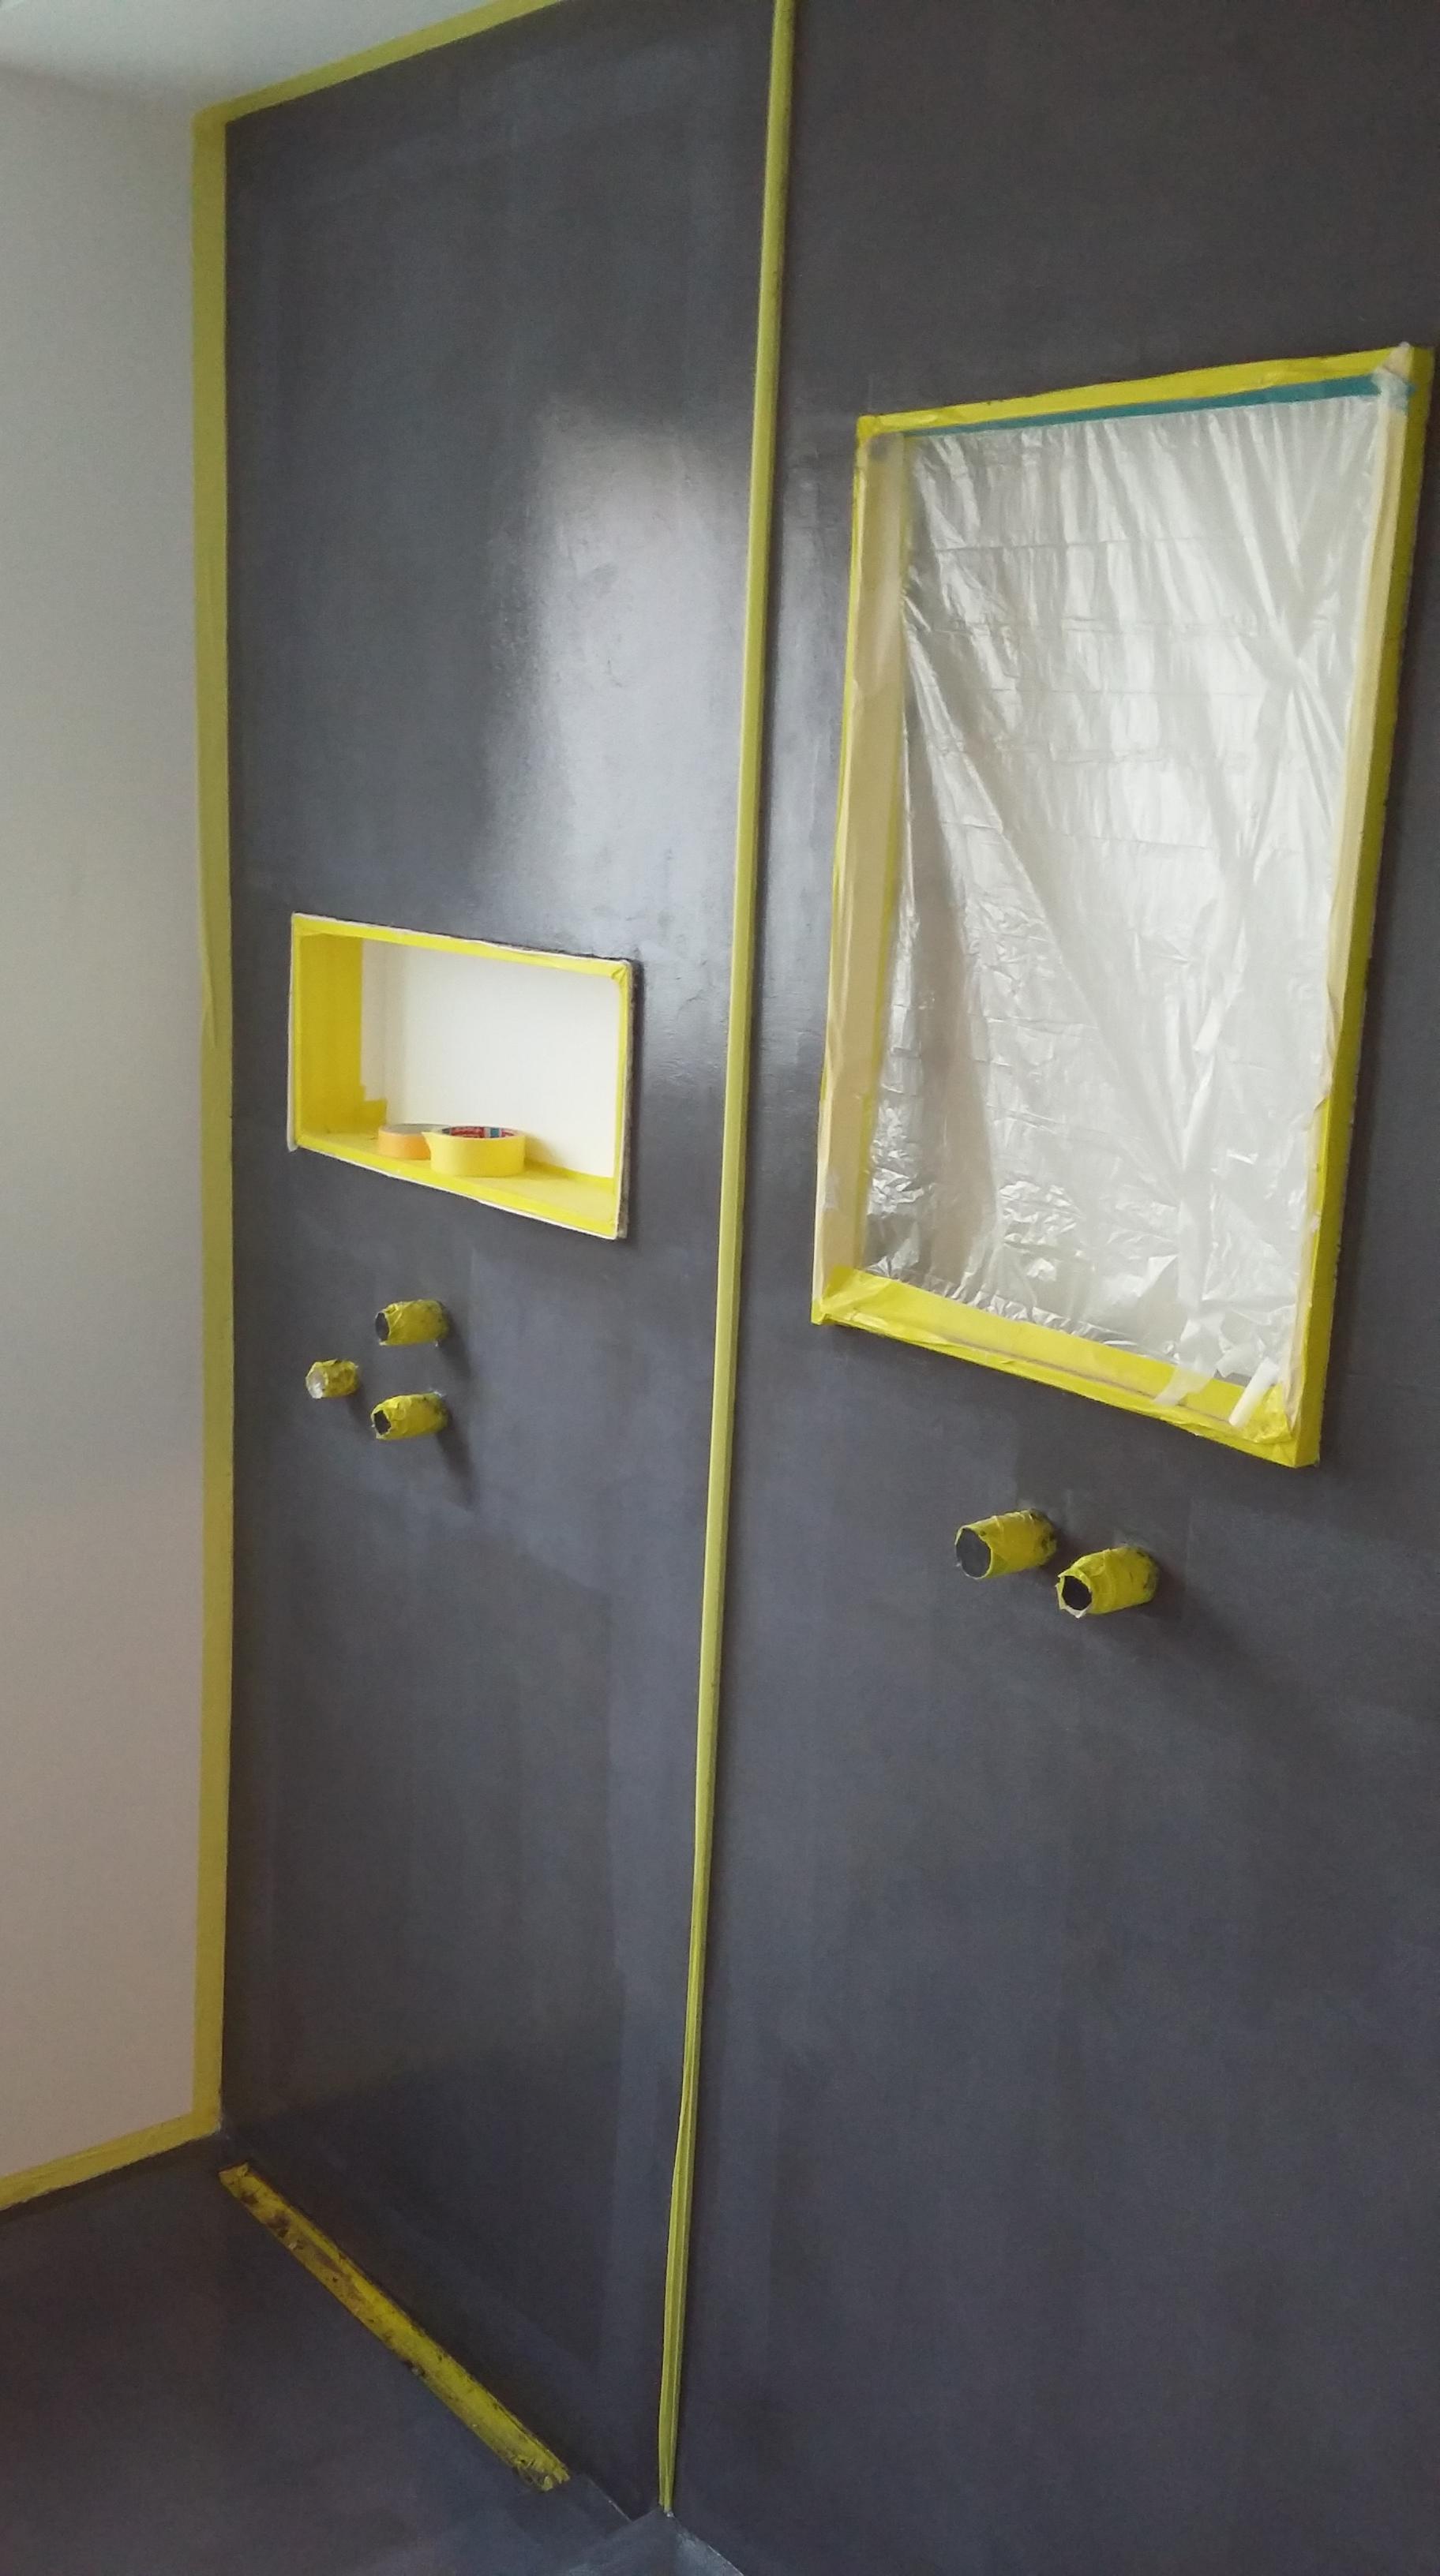 naturofloor wand und boden startseite mario brussig. Black Bedroom Furniture Sets. Home Design Ideas